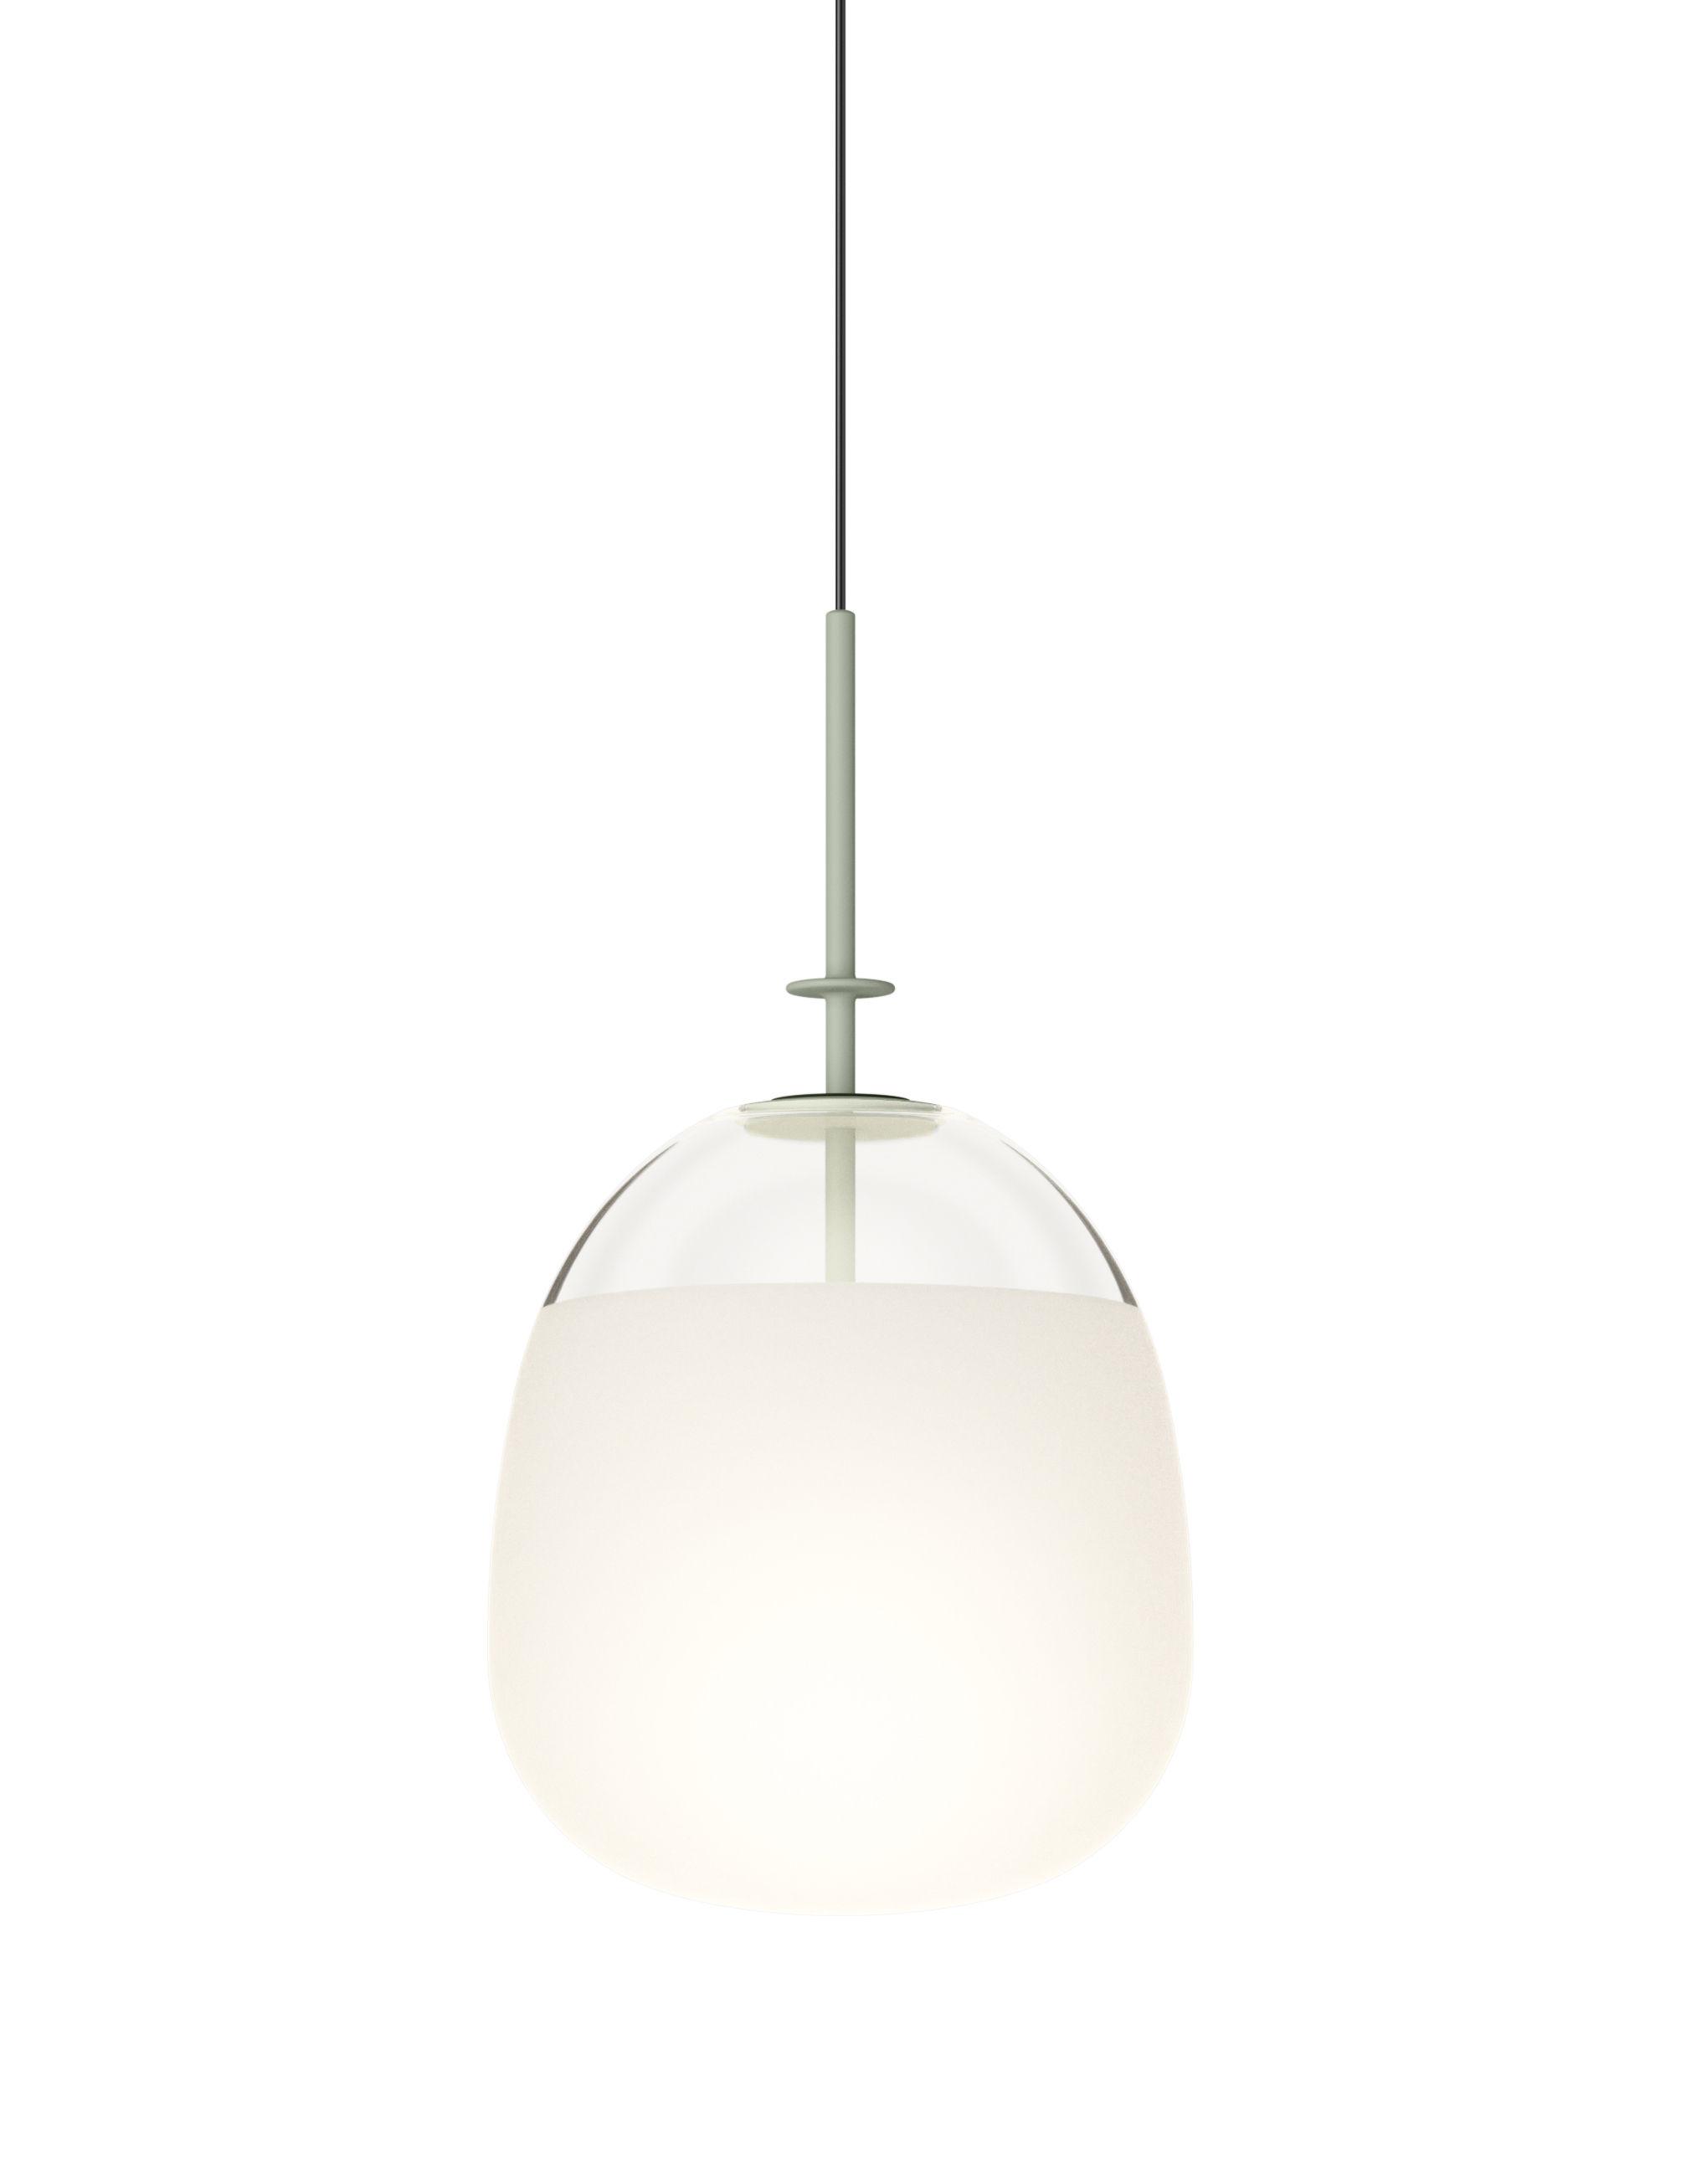 Illuminazione - Lampadari - Sospensione Tempo Globe - / LED - Ø 24 cm di Vibia - Verde - alluminio verniciato, vetro soffiato